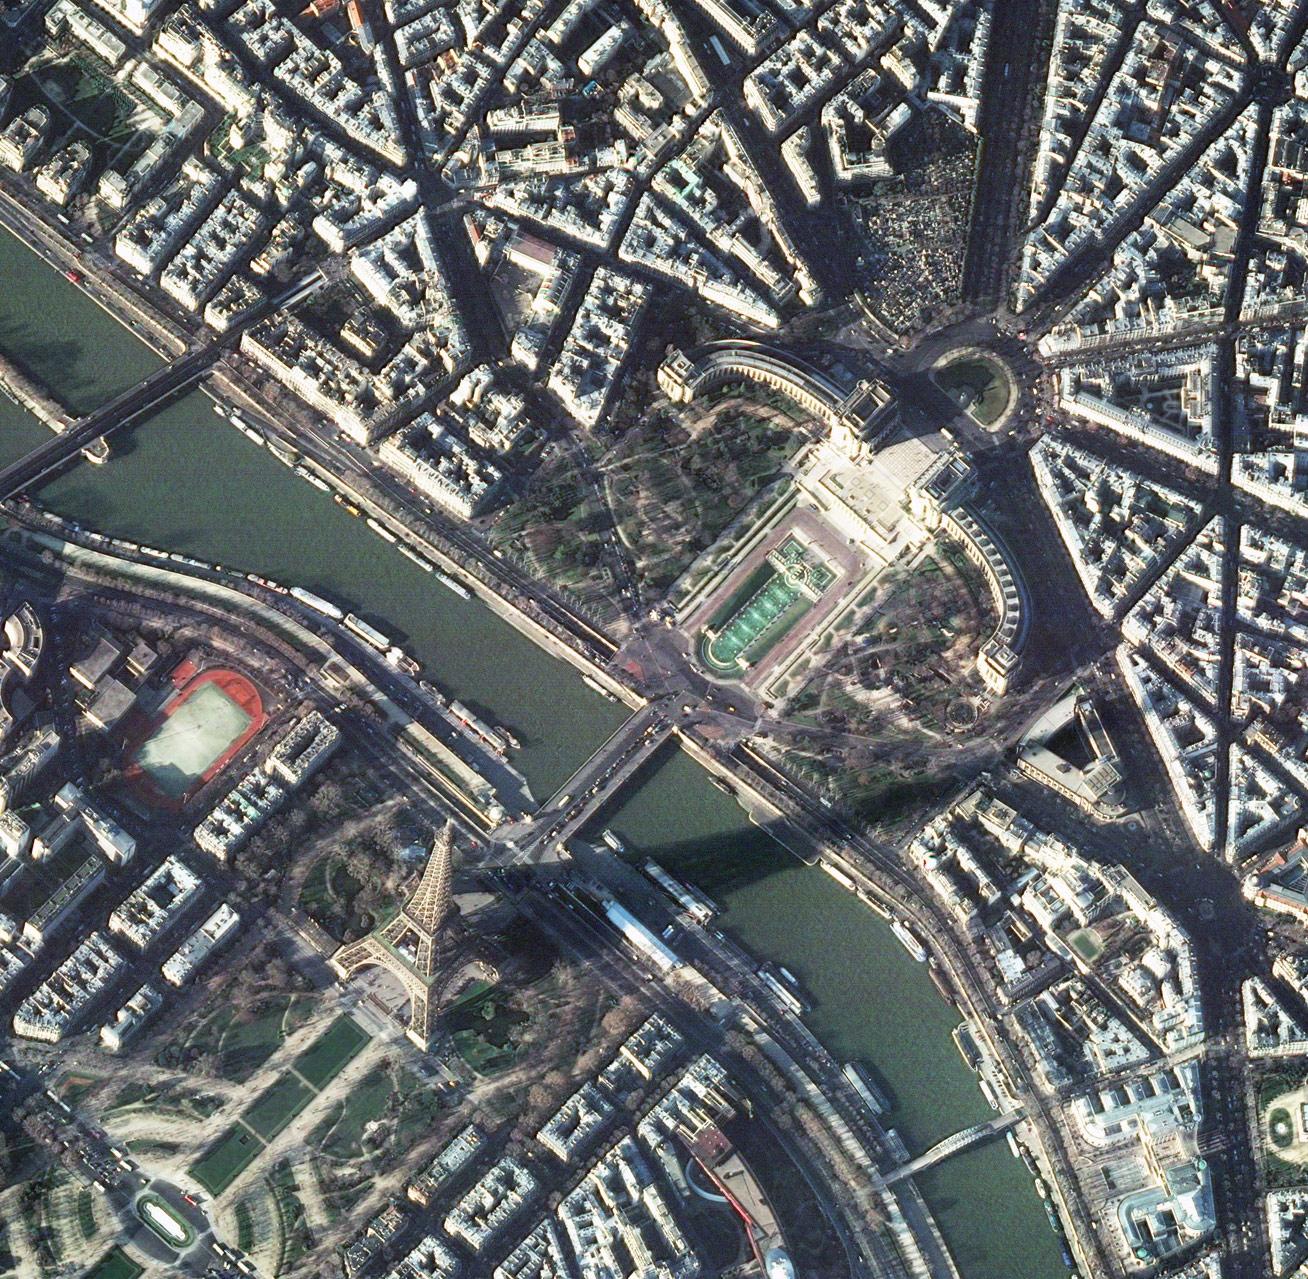 p11505_17dc12412b4bfb8f90e0c0f37e942936POSTER_Paris.jpg